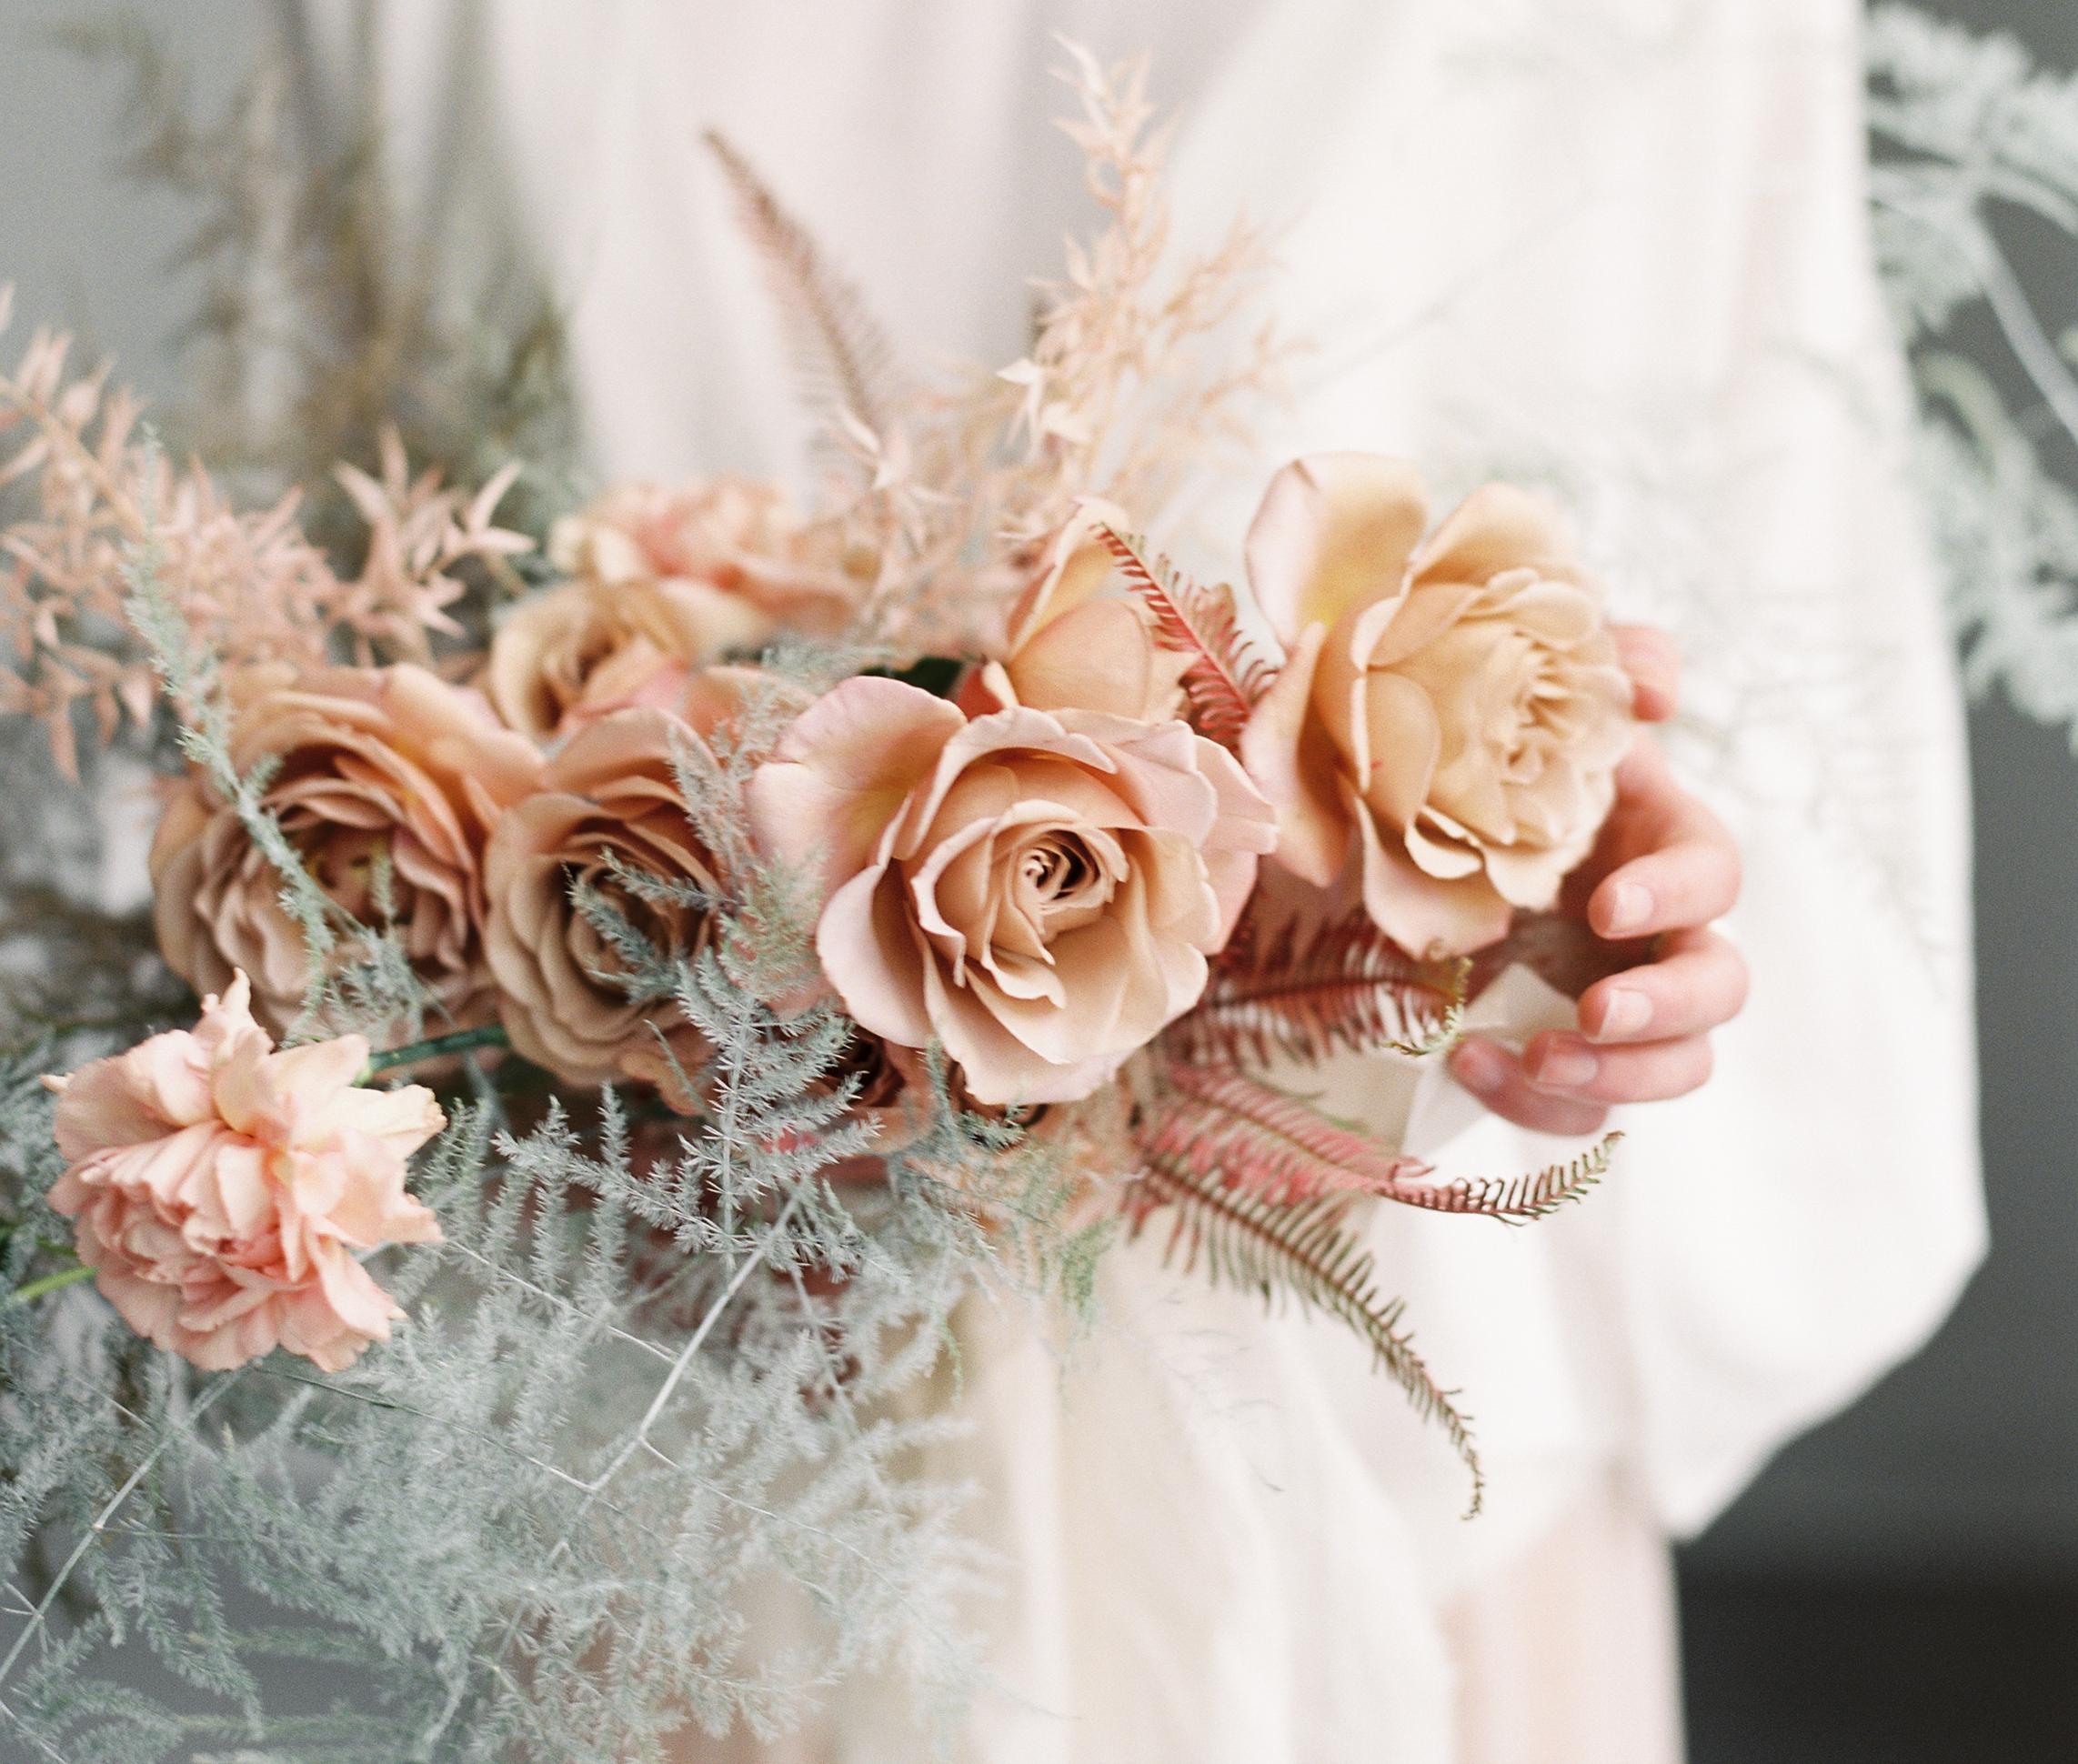 garden roses winter spring summer fall wedding bouquet blush koko loco rose delicate hutton house